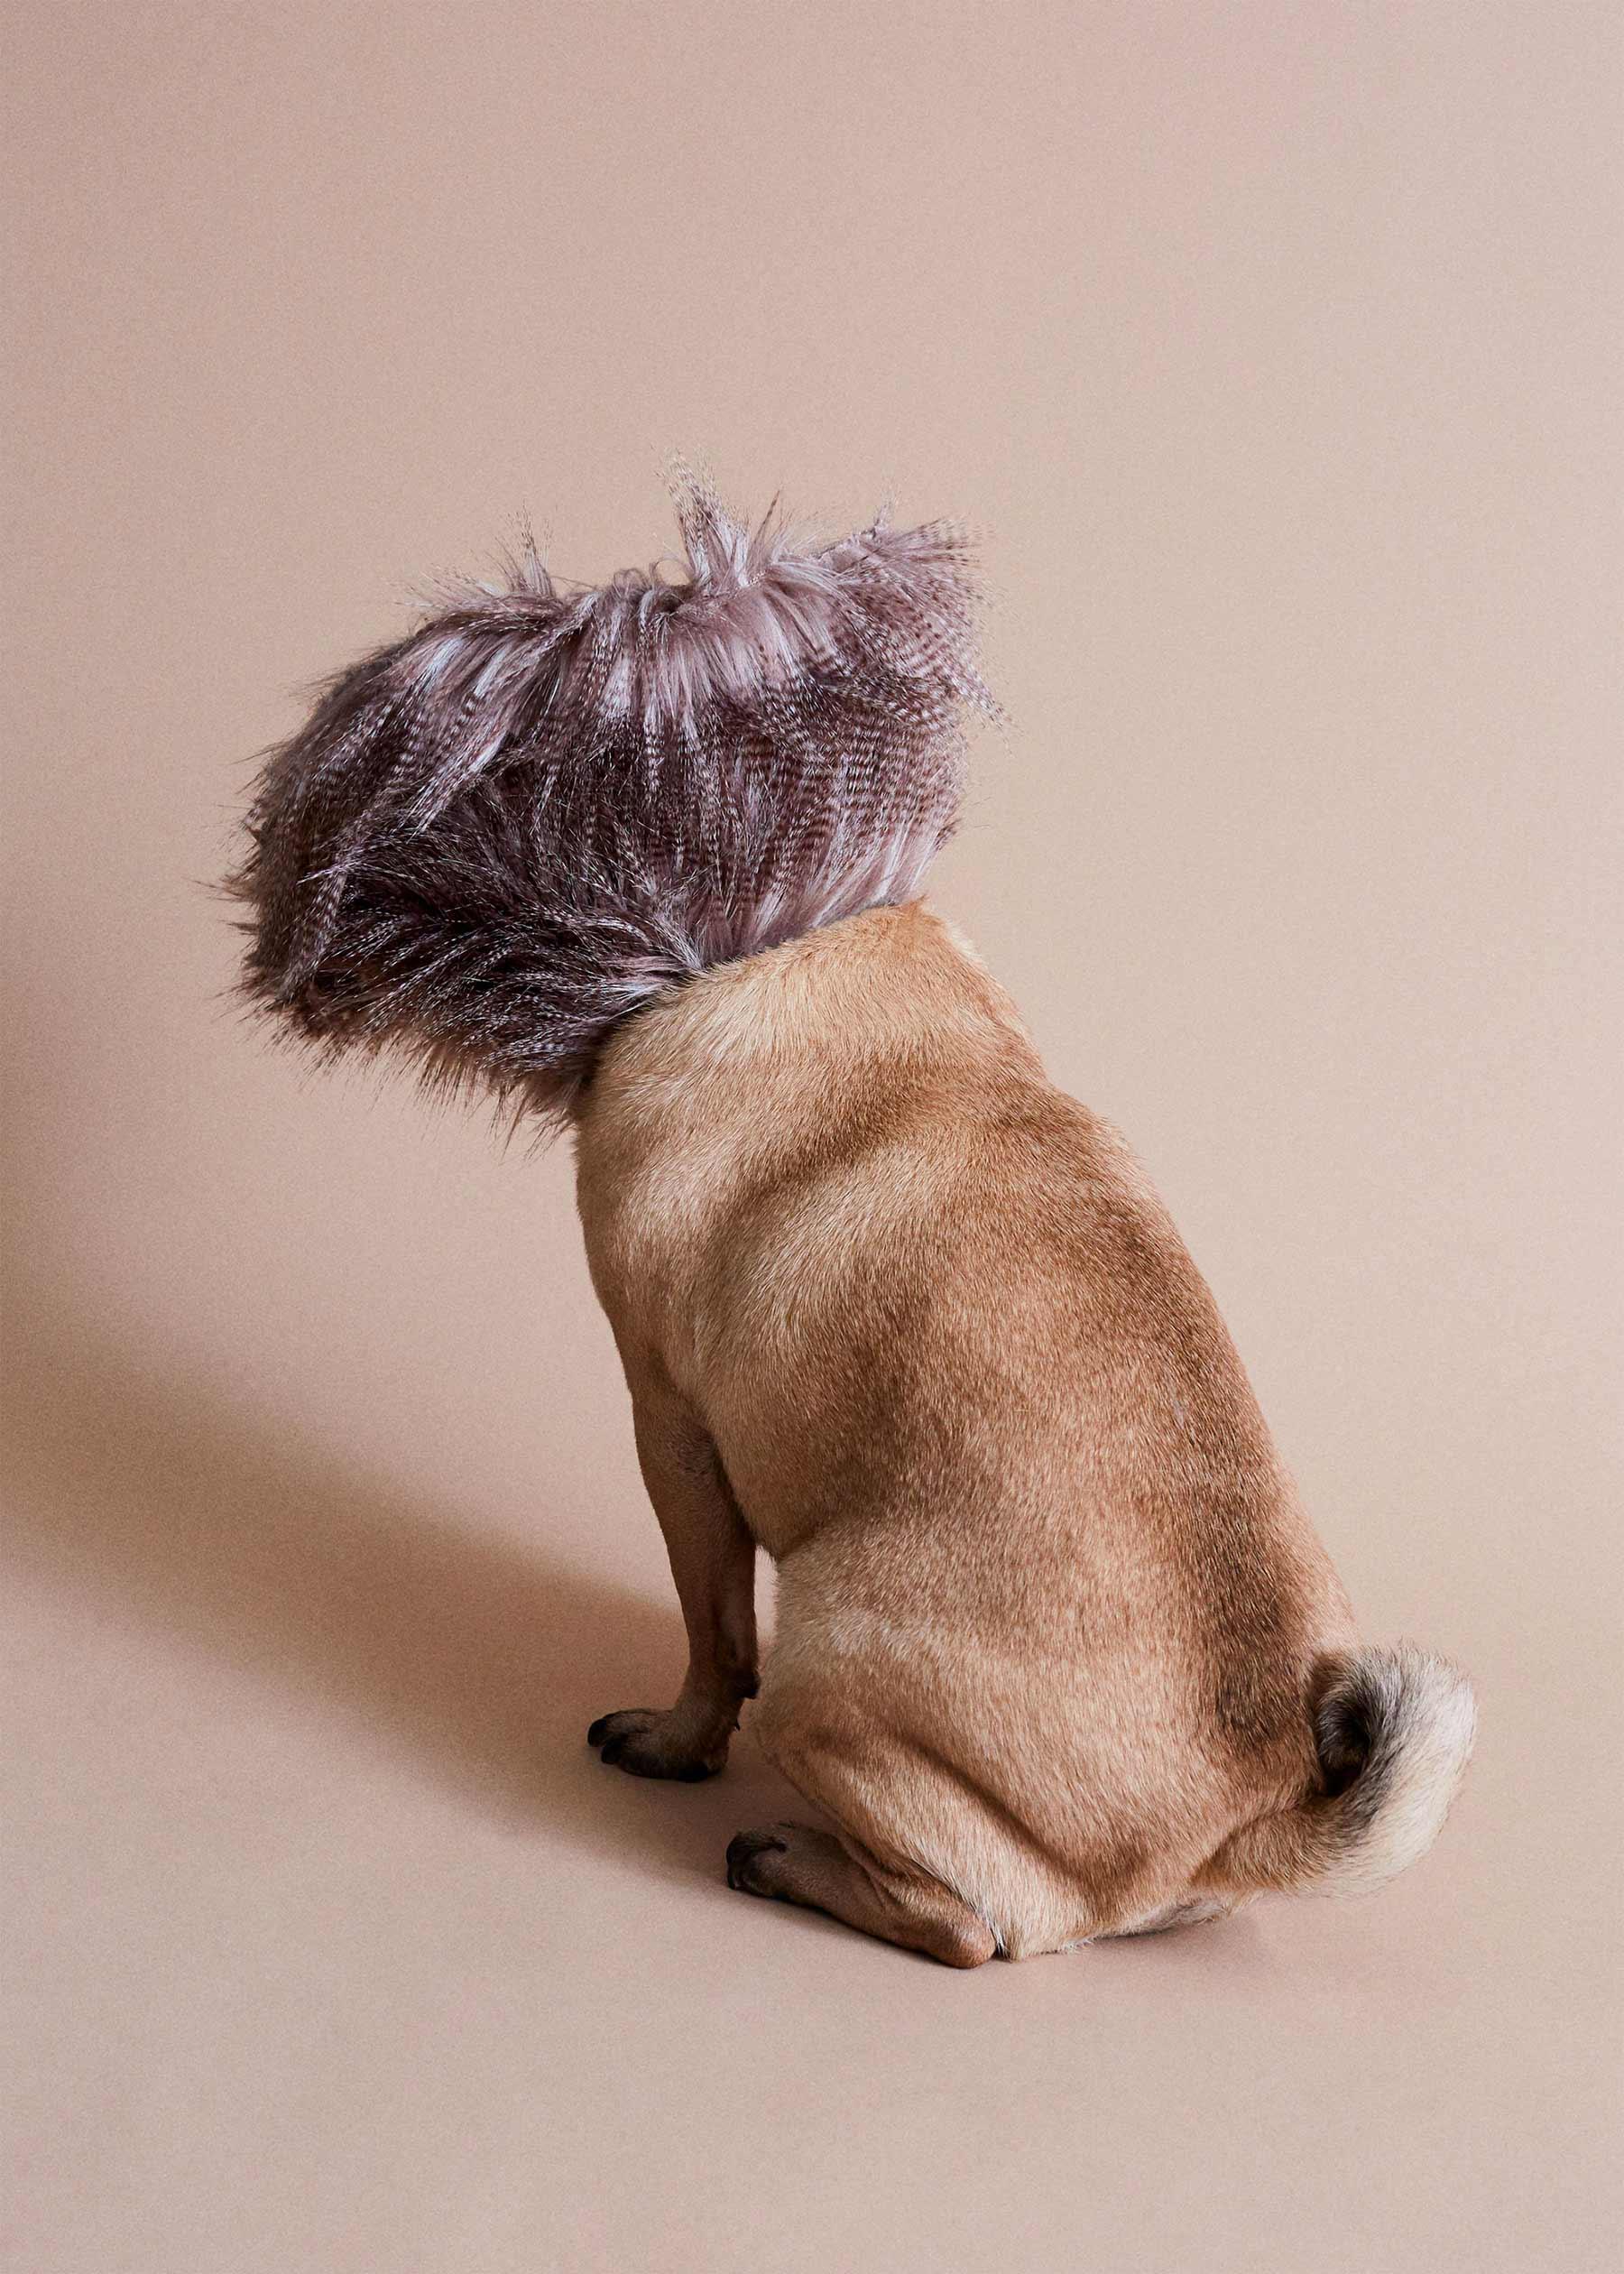 Ausgefallene Schutzkragen für Hunde cone-of-shame-winnie-au-Marie-yan-morvan_05